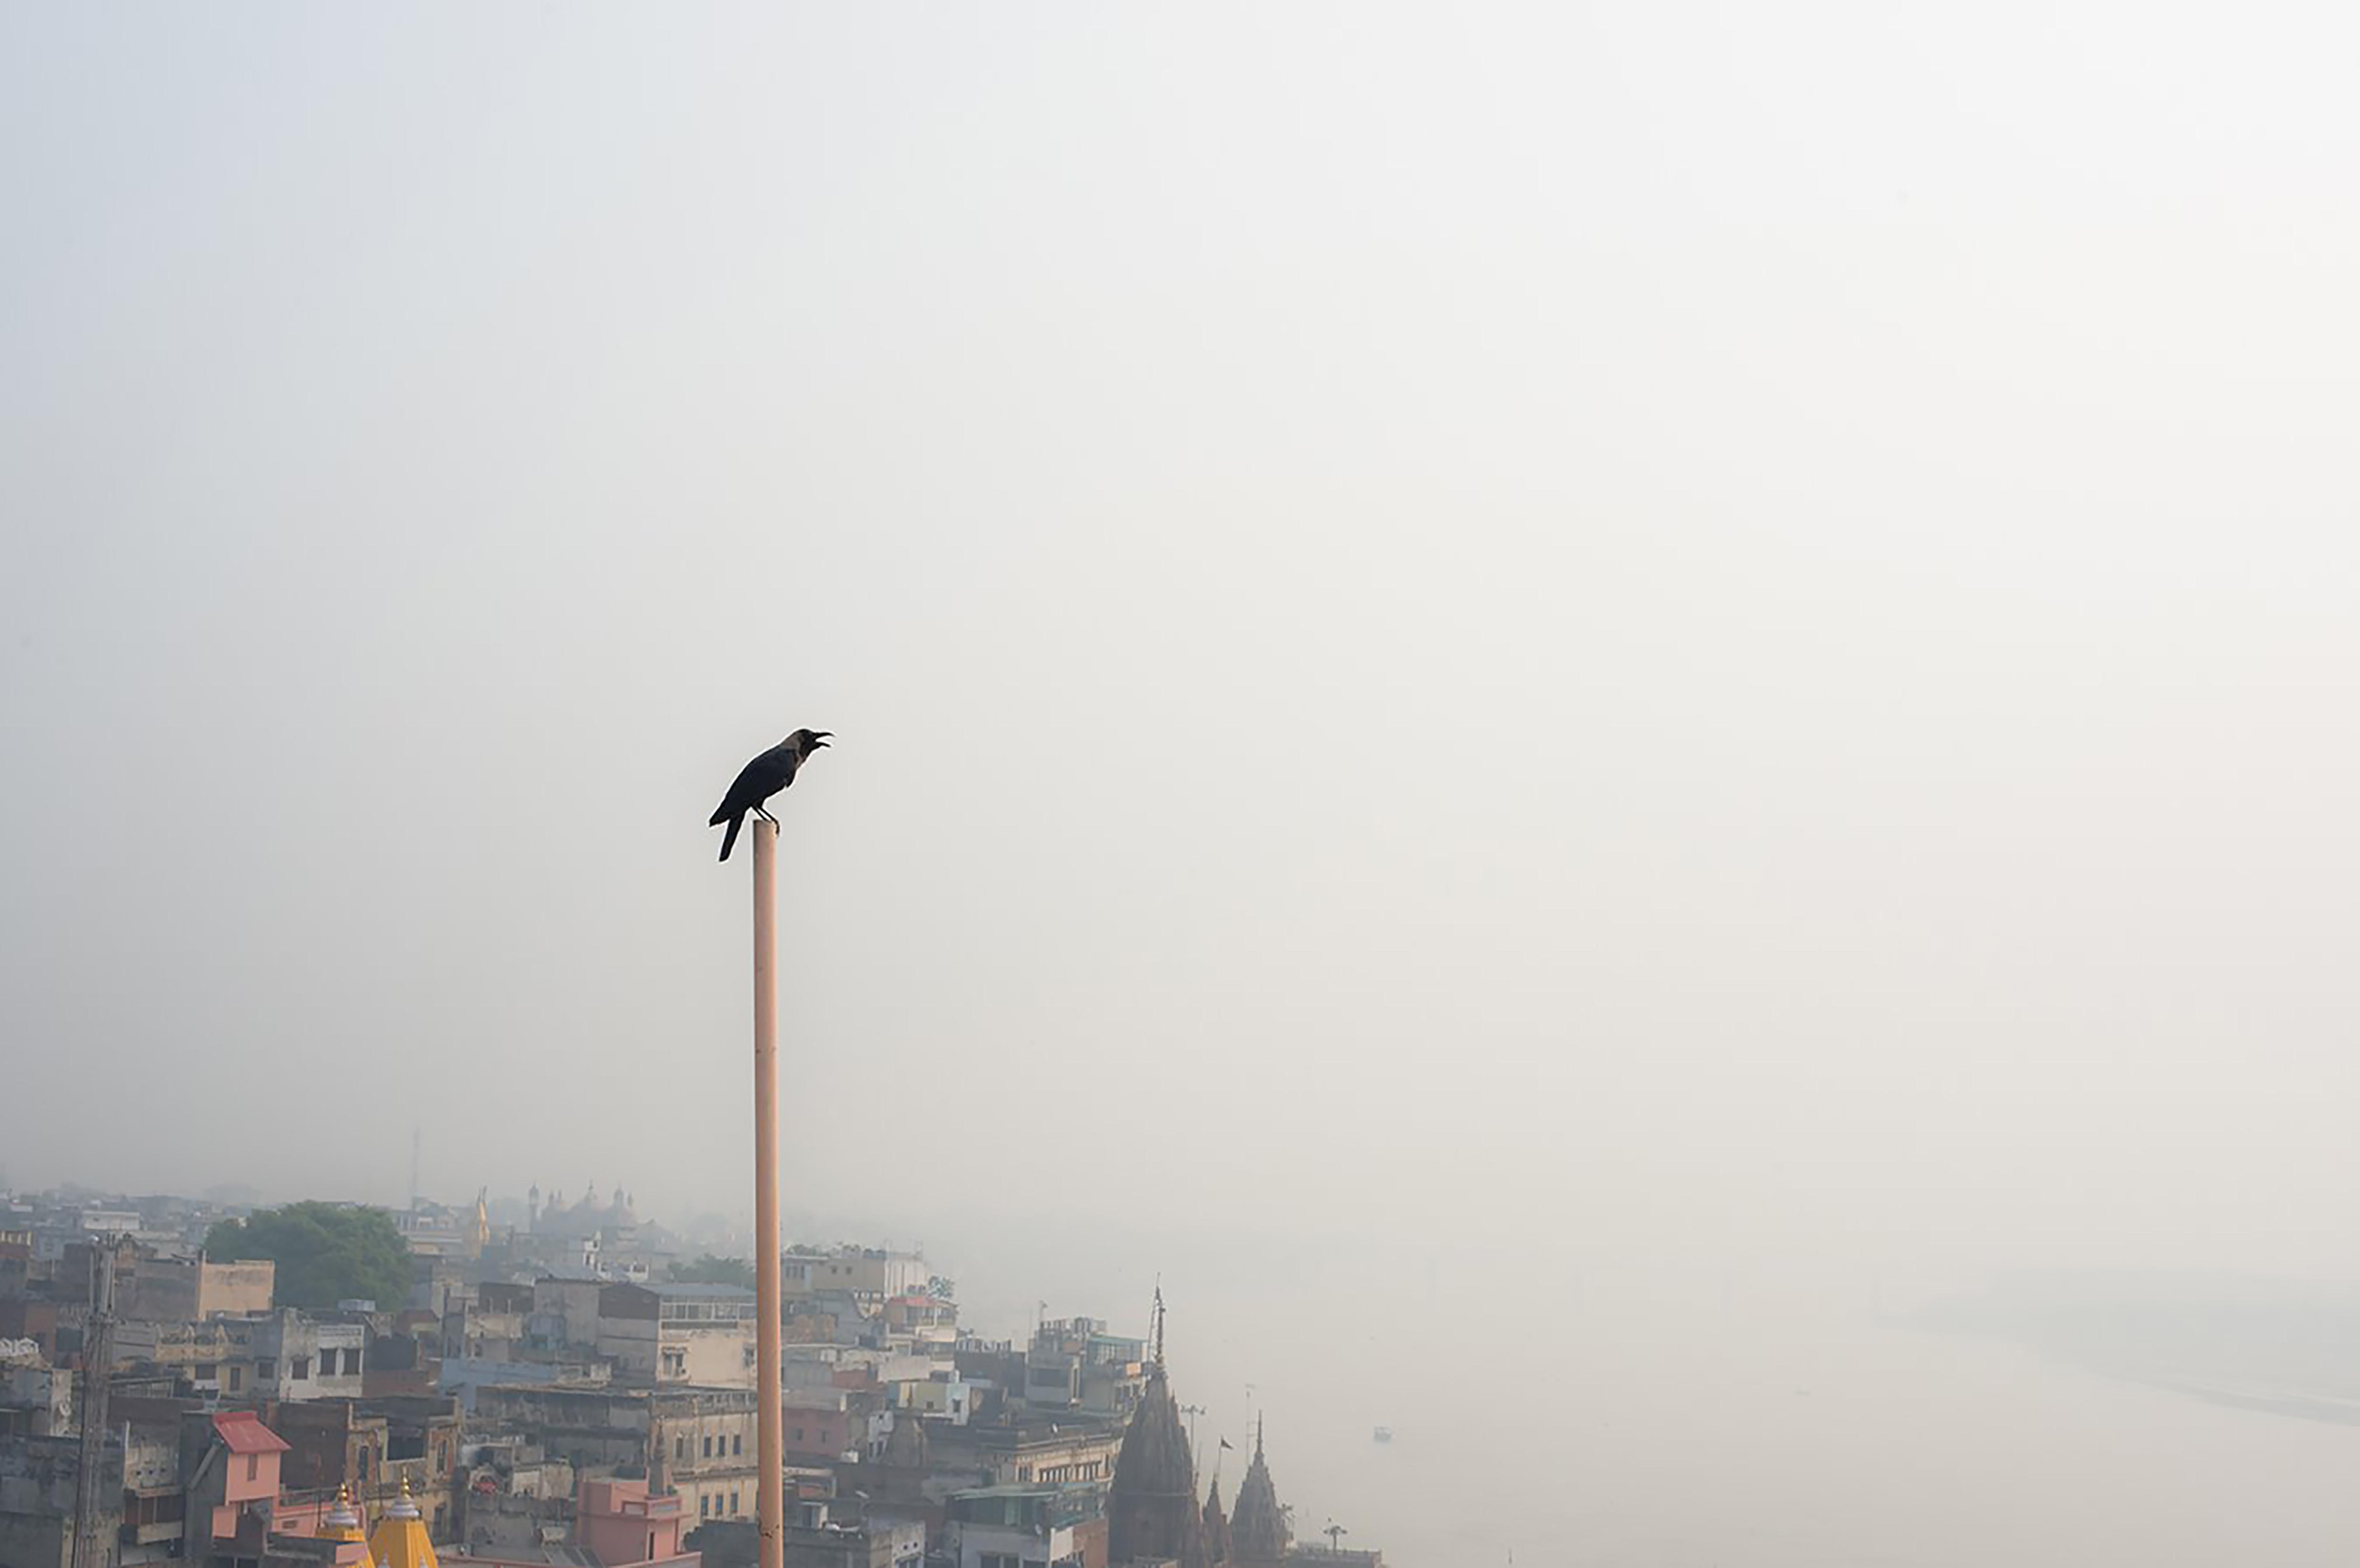 Varanasi City of Life and Death - Contemporary Symbolic  Photography